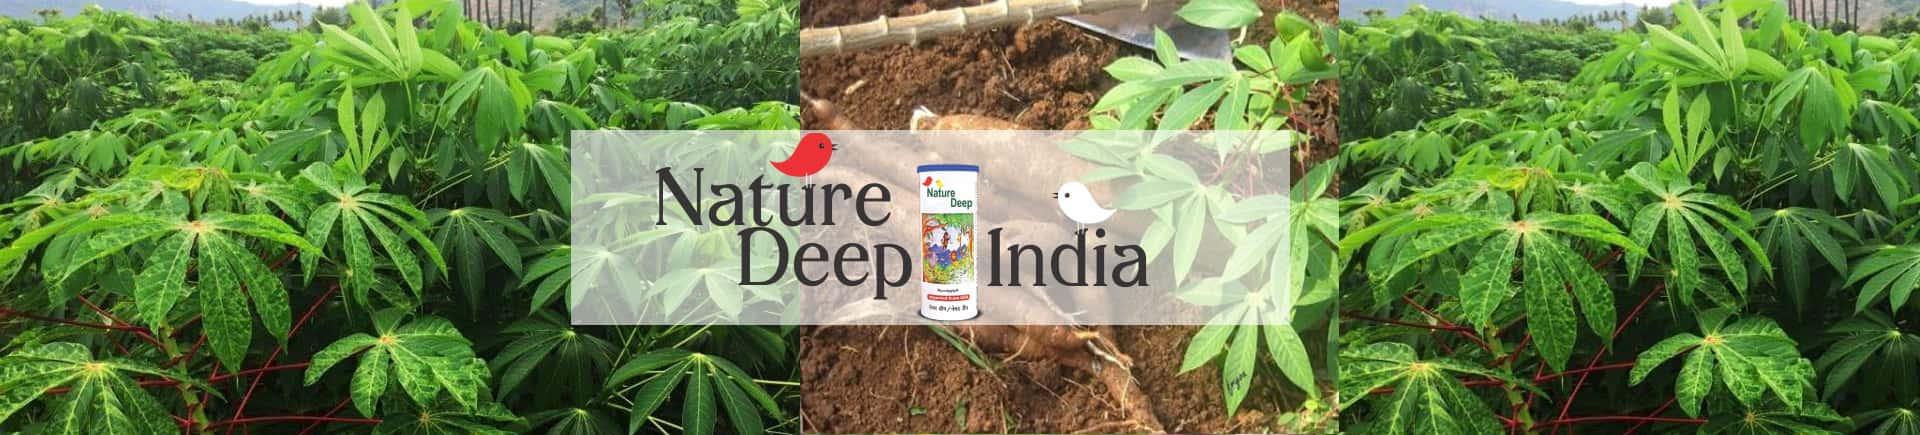 sumitomo naturedeep for cassava crop desktop banner